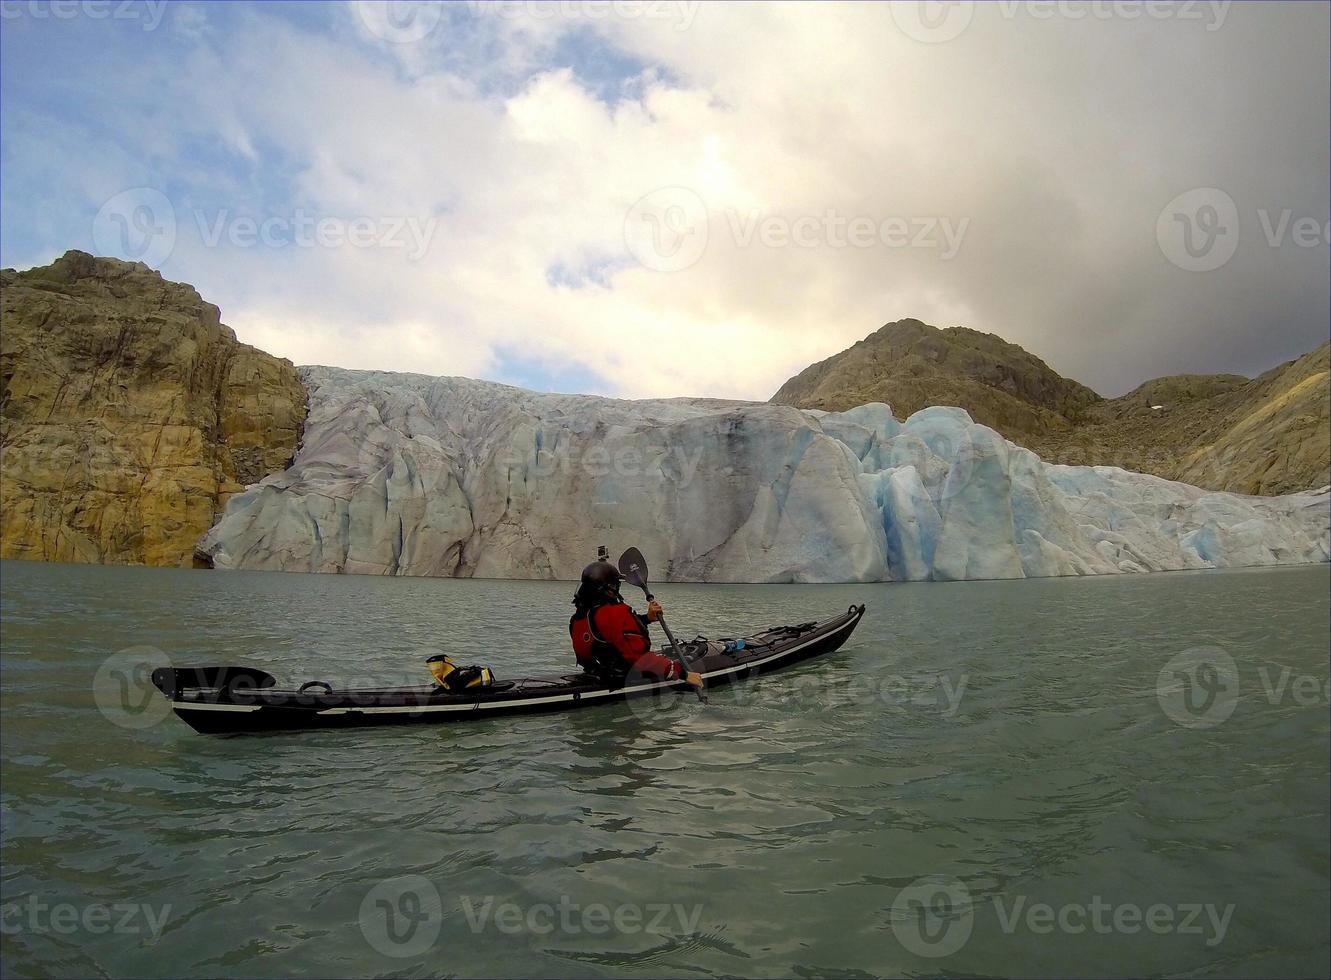 Seekajakfahren in der Nähe eines Gletschers foto